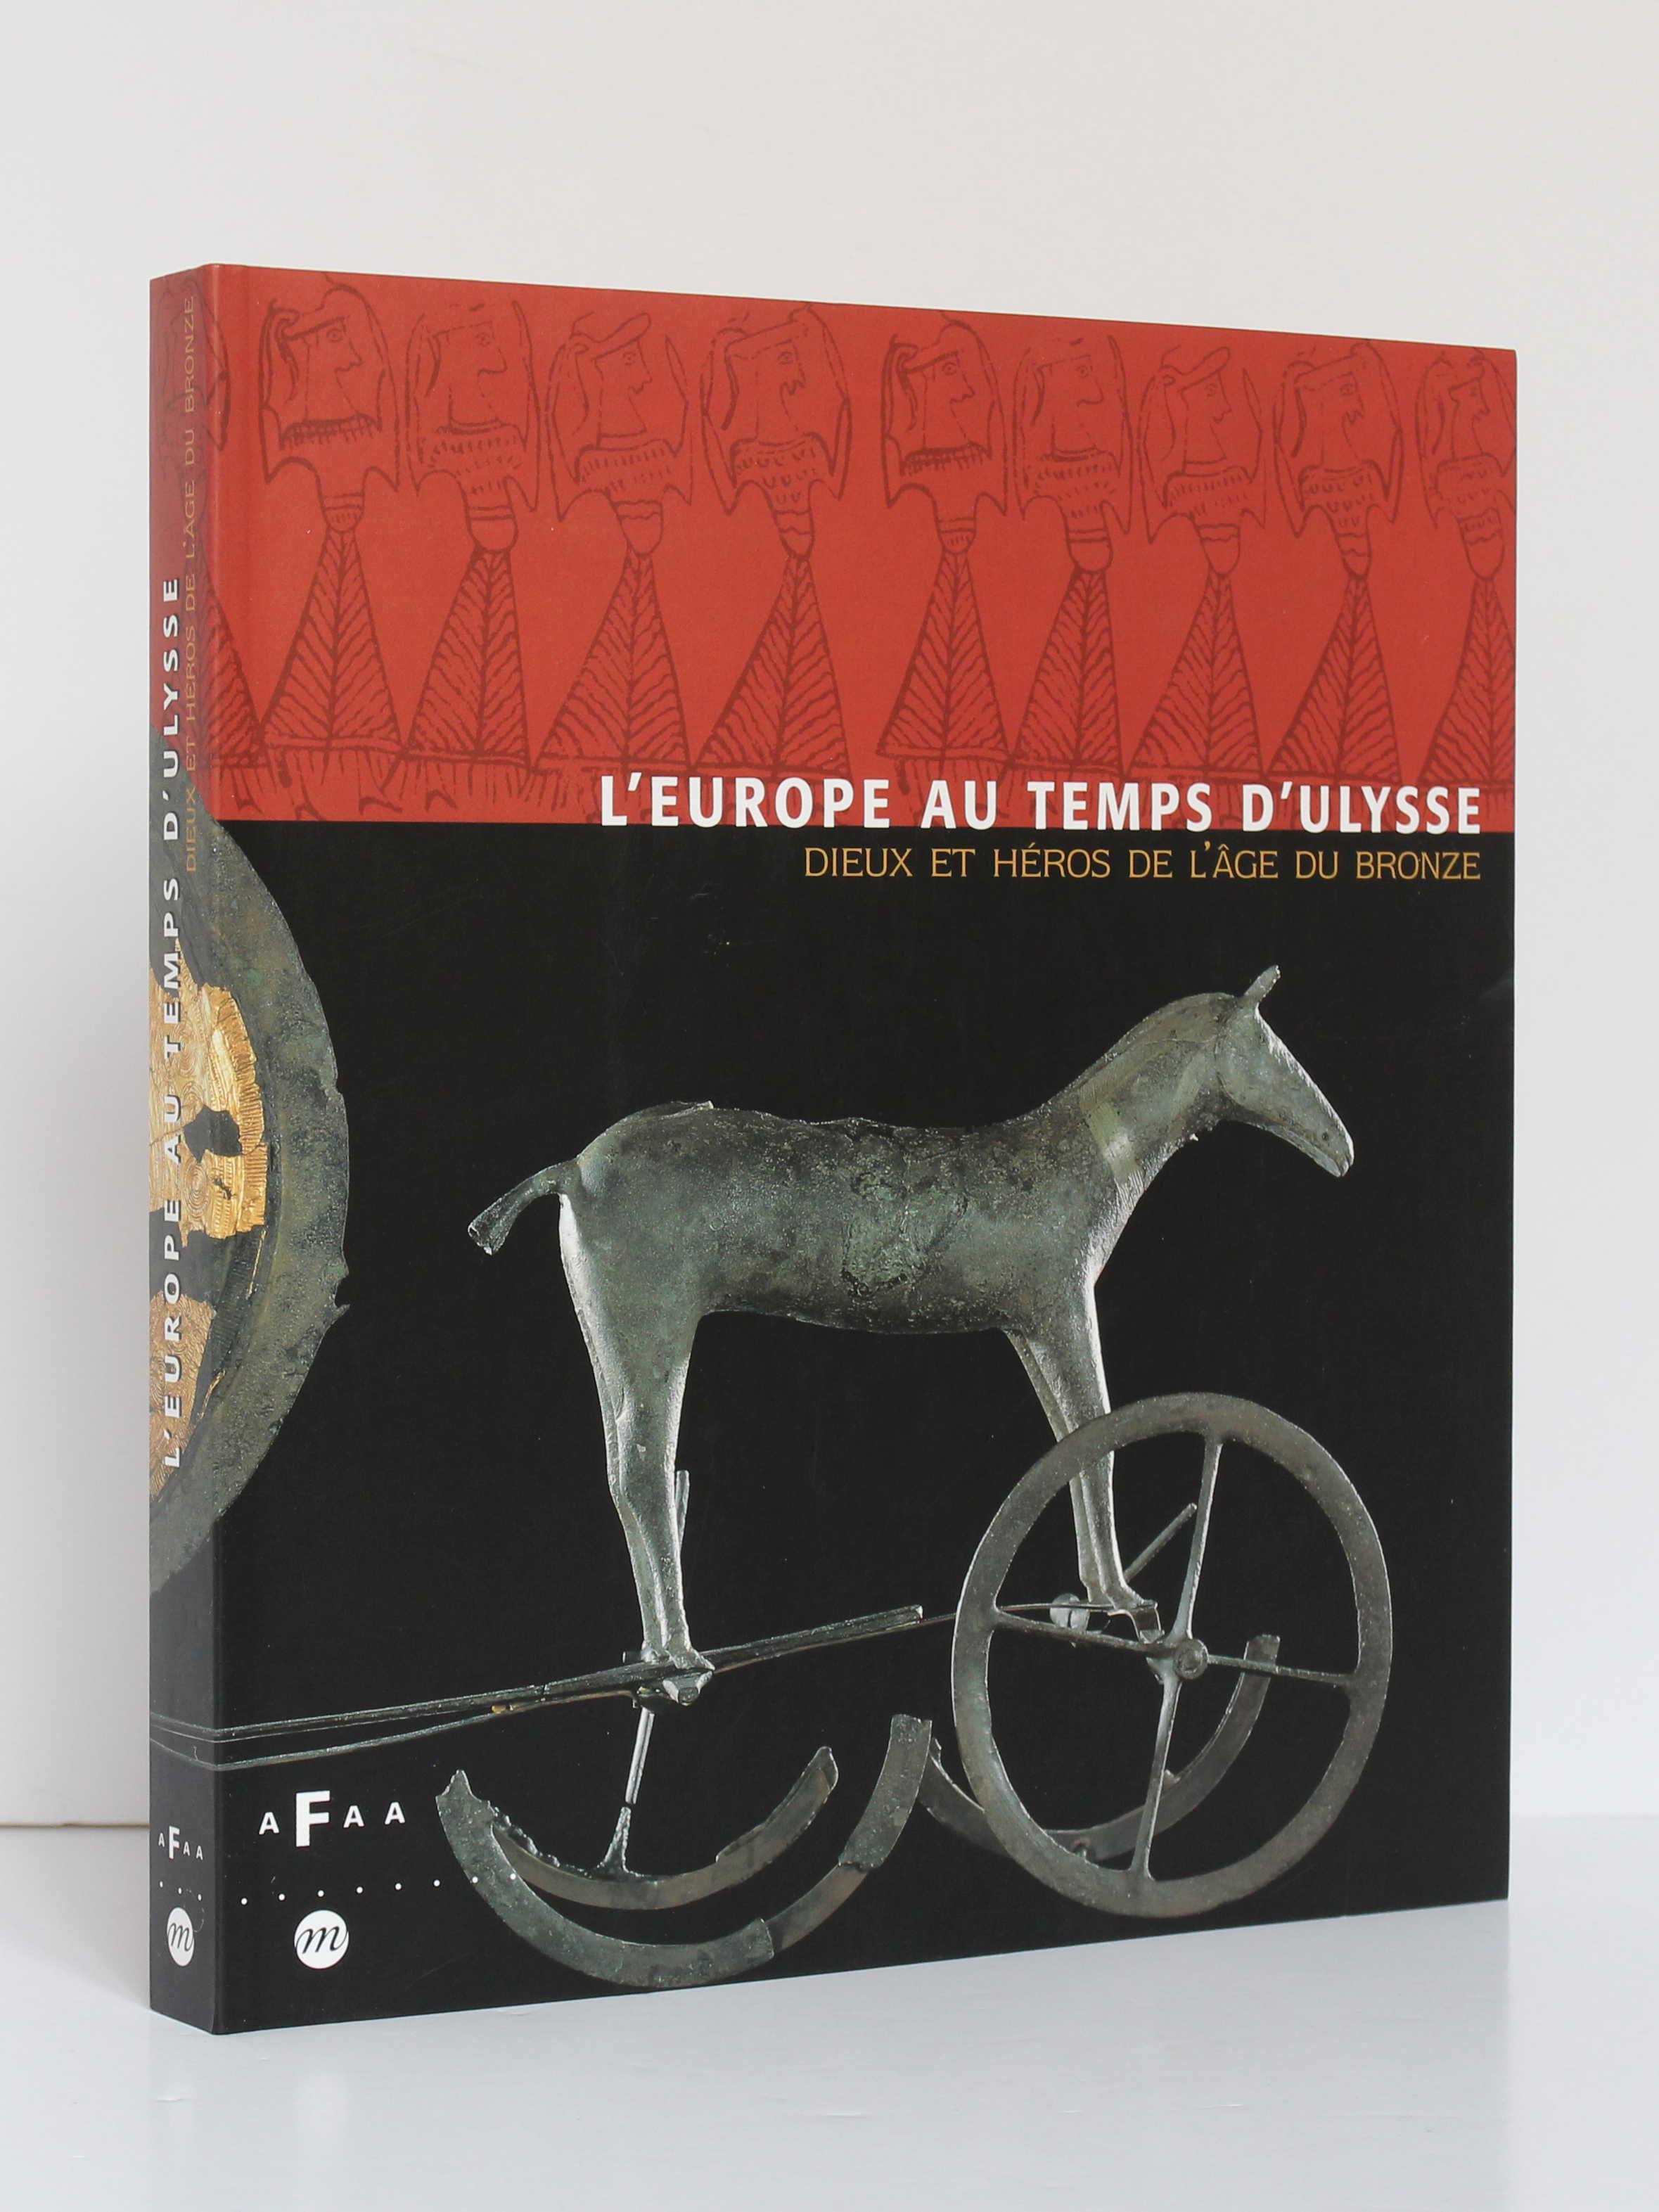 L'Europe au temps d'Ulysse. Réunion des Musées Nationaux, 1999. Couverture.